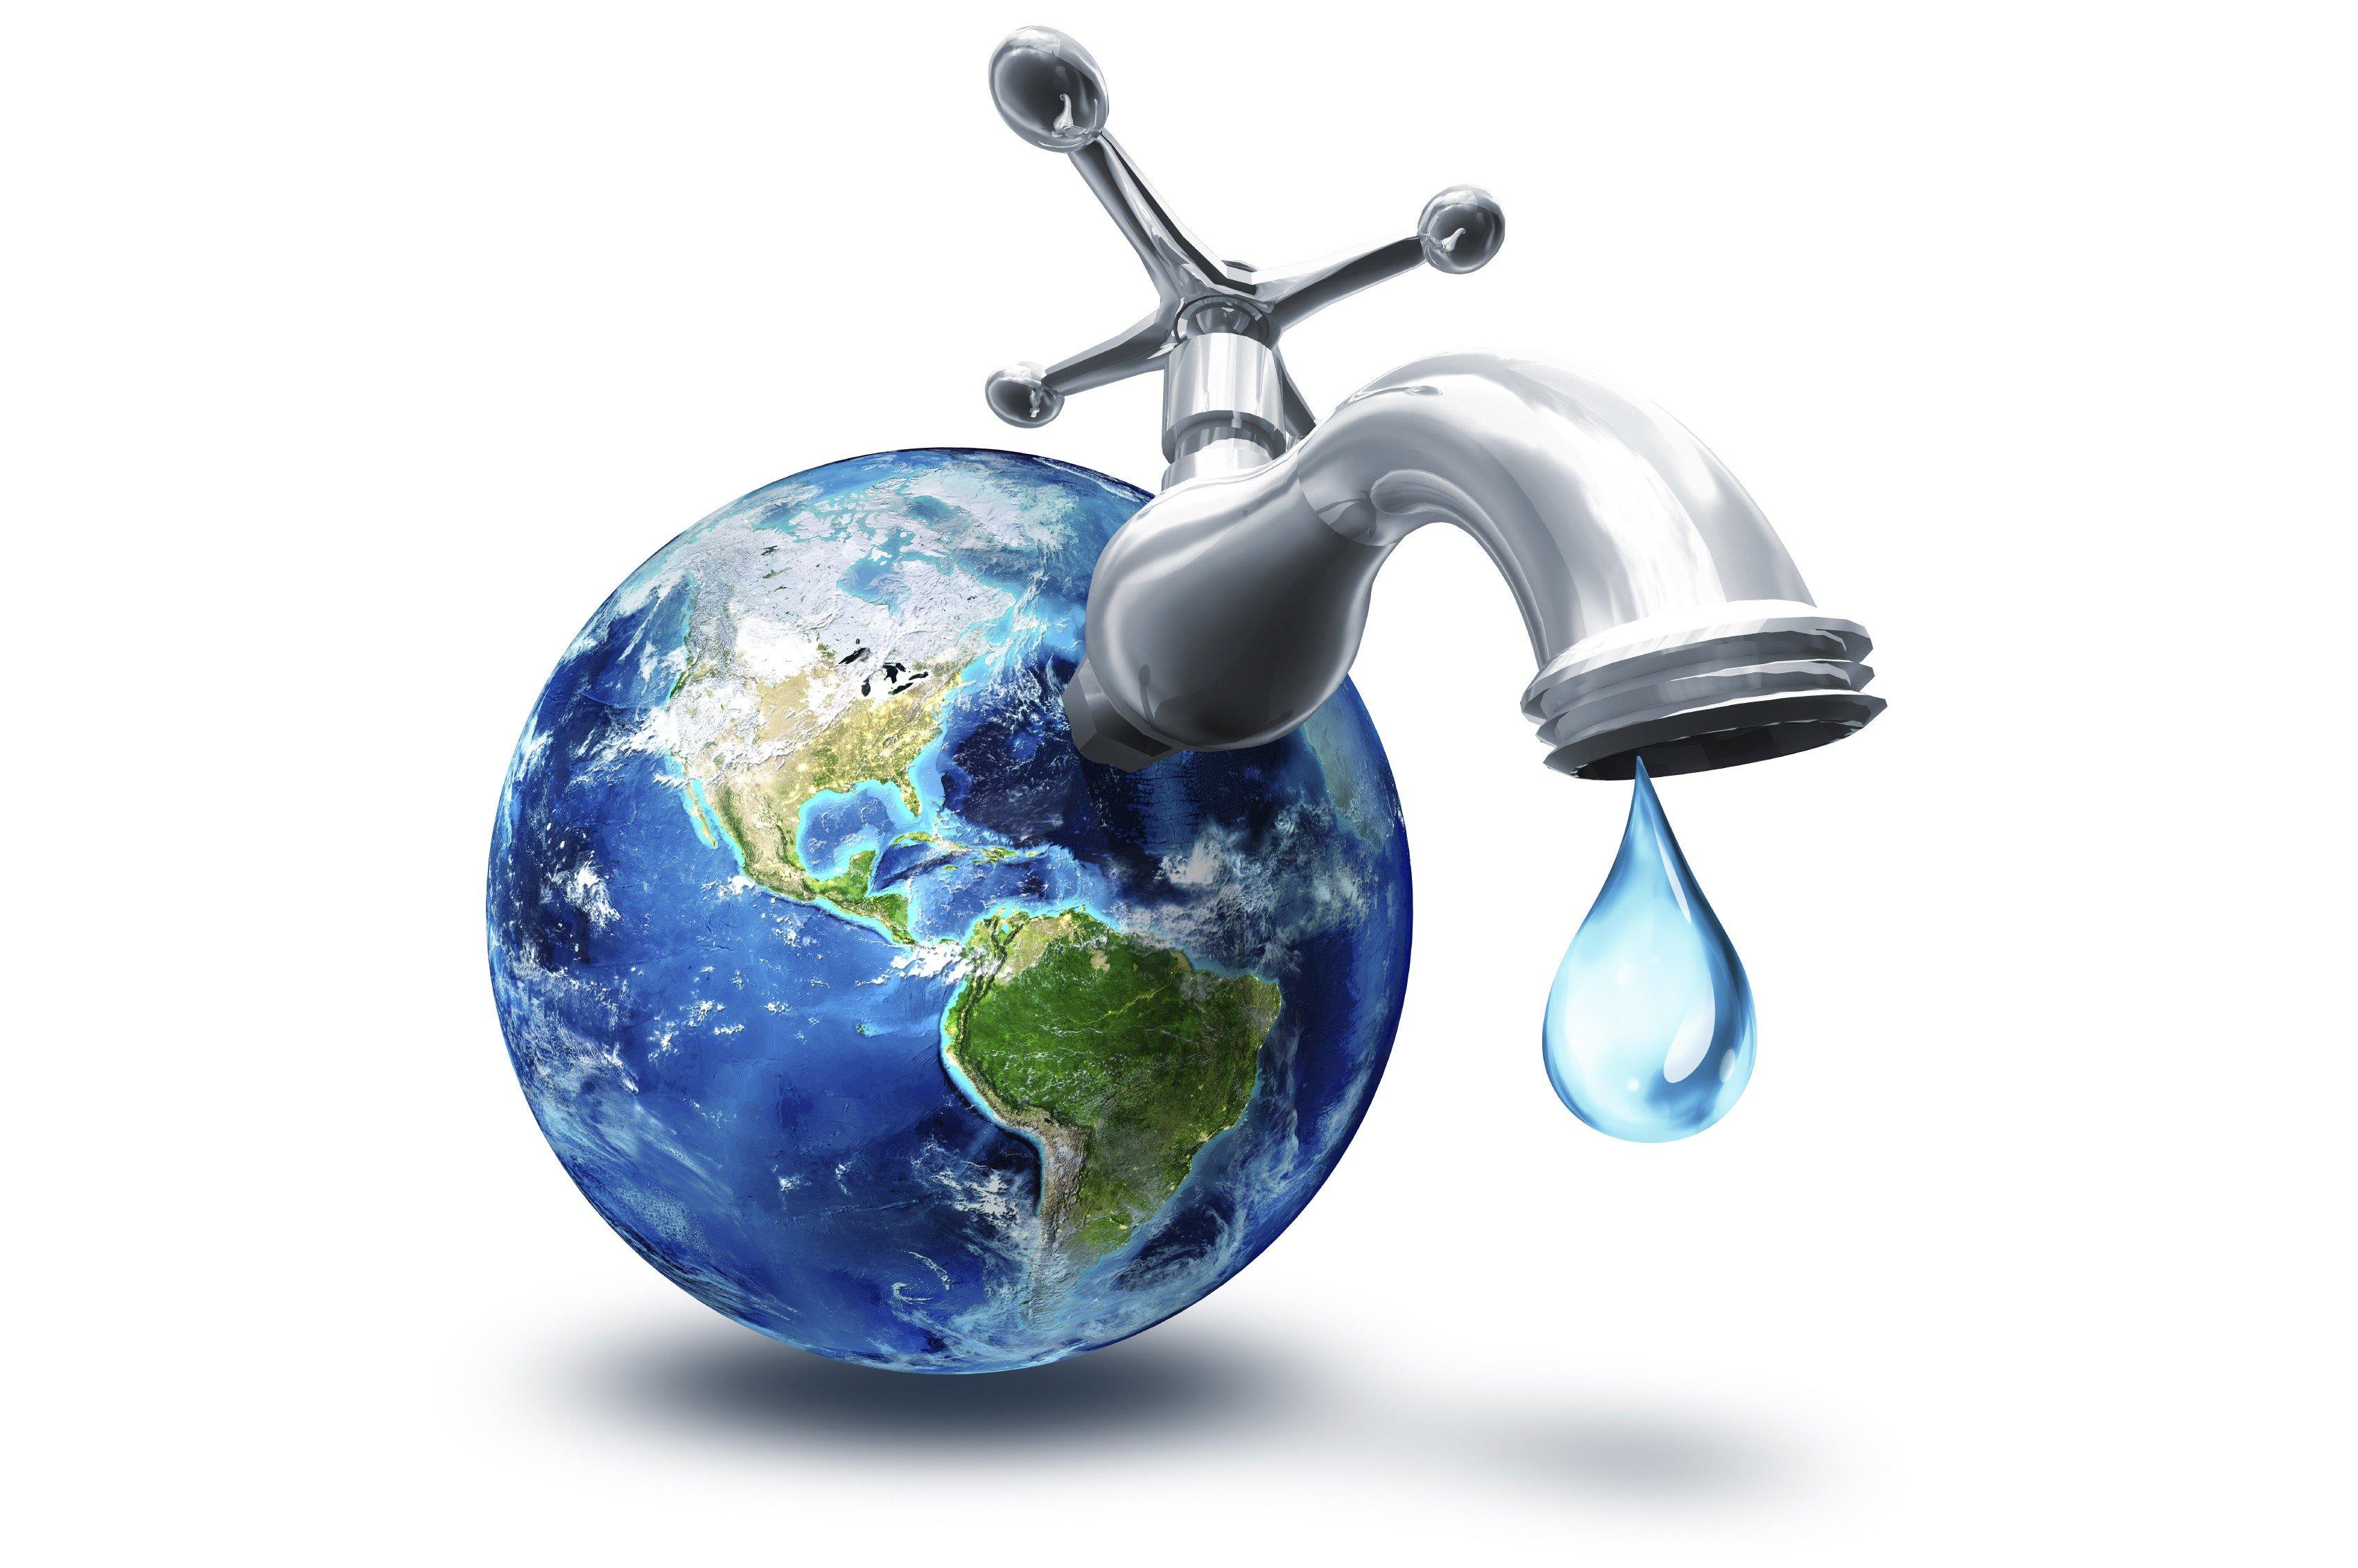 Crise hídrica é um assunto que preocupa todos. (Foto: Reprodução)